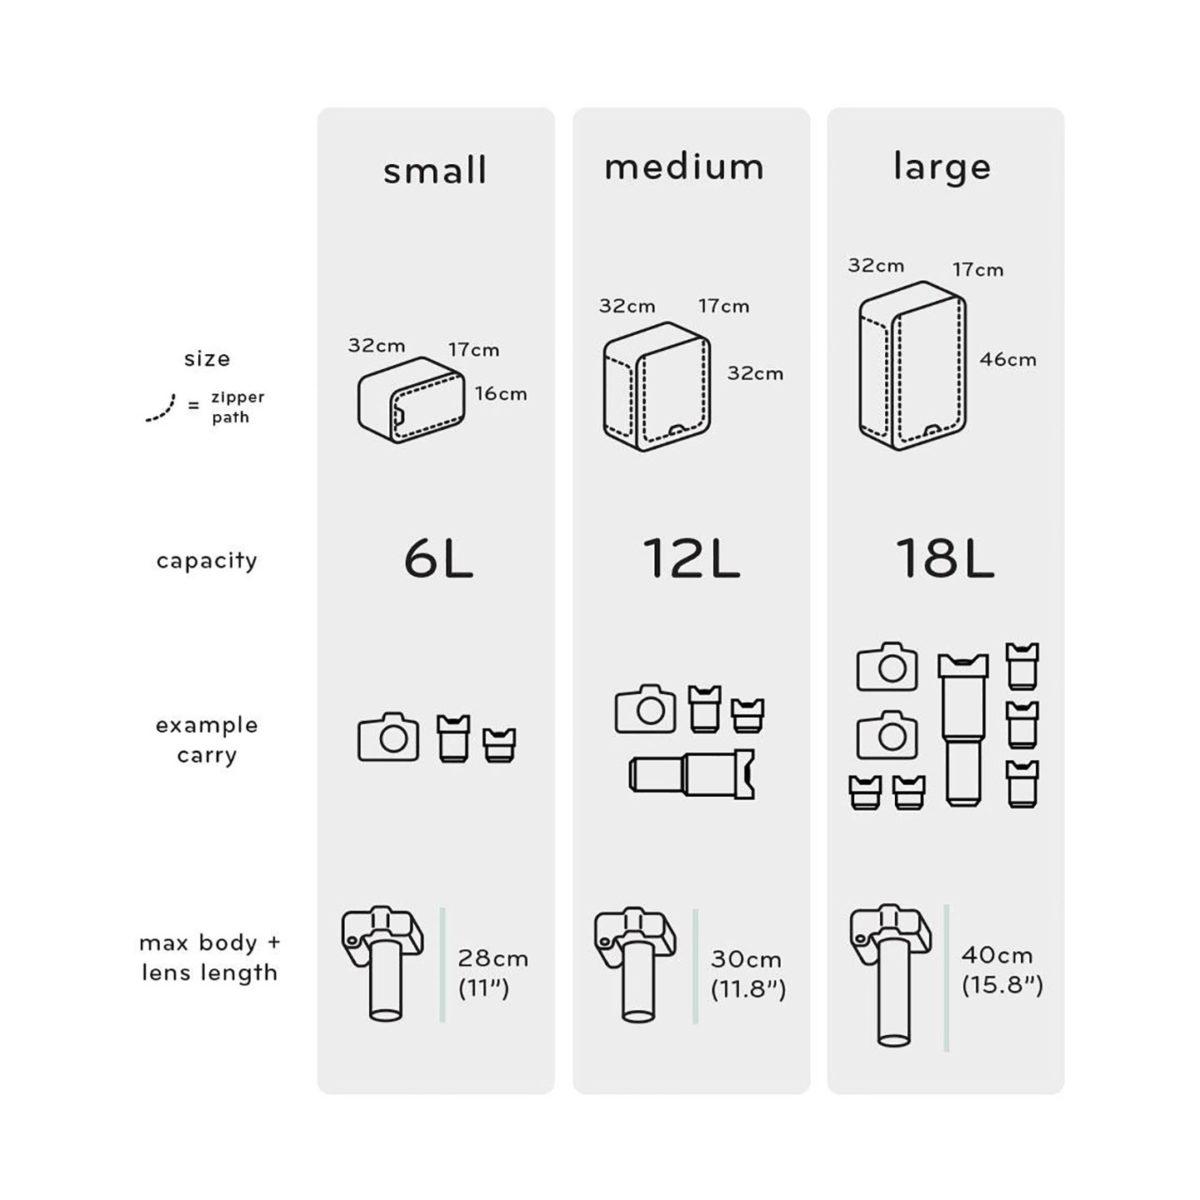 peak_design_camera_cube_04